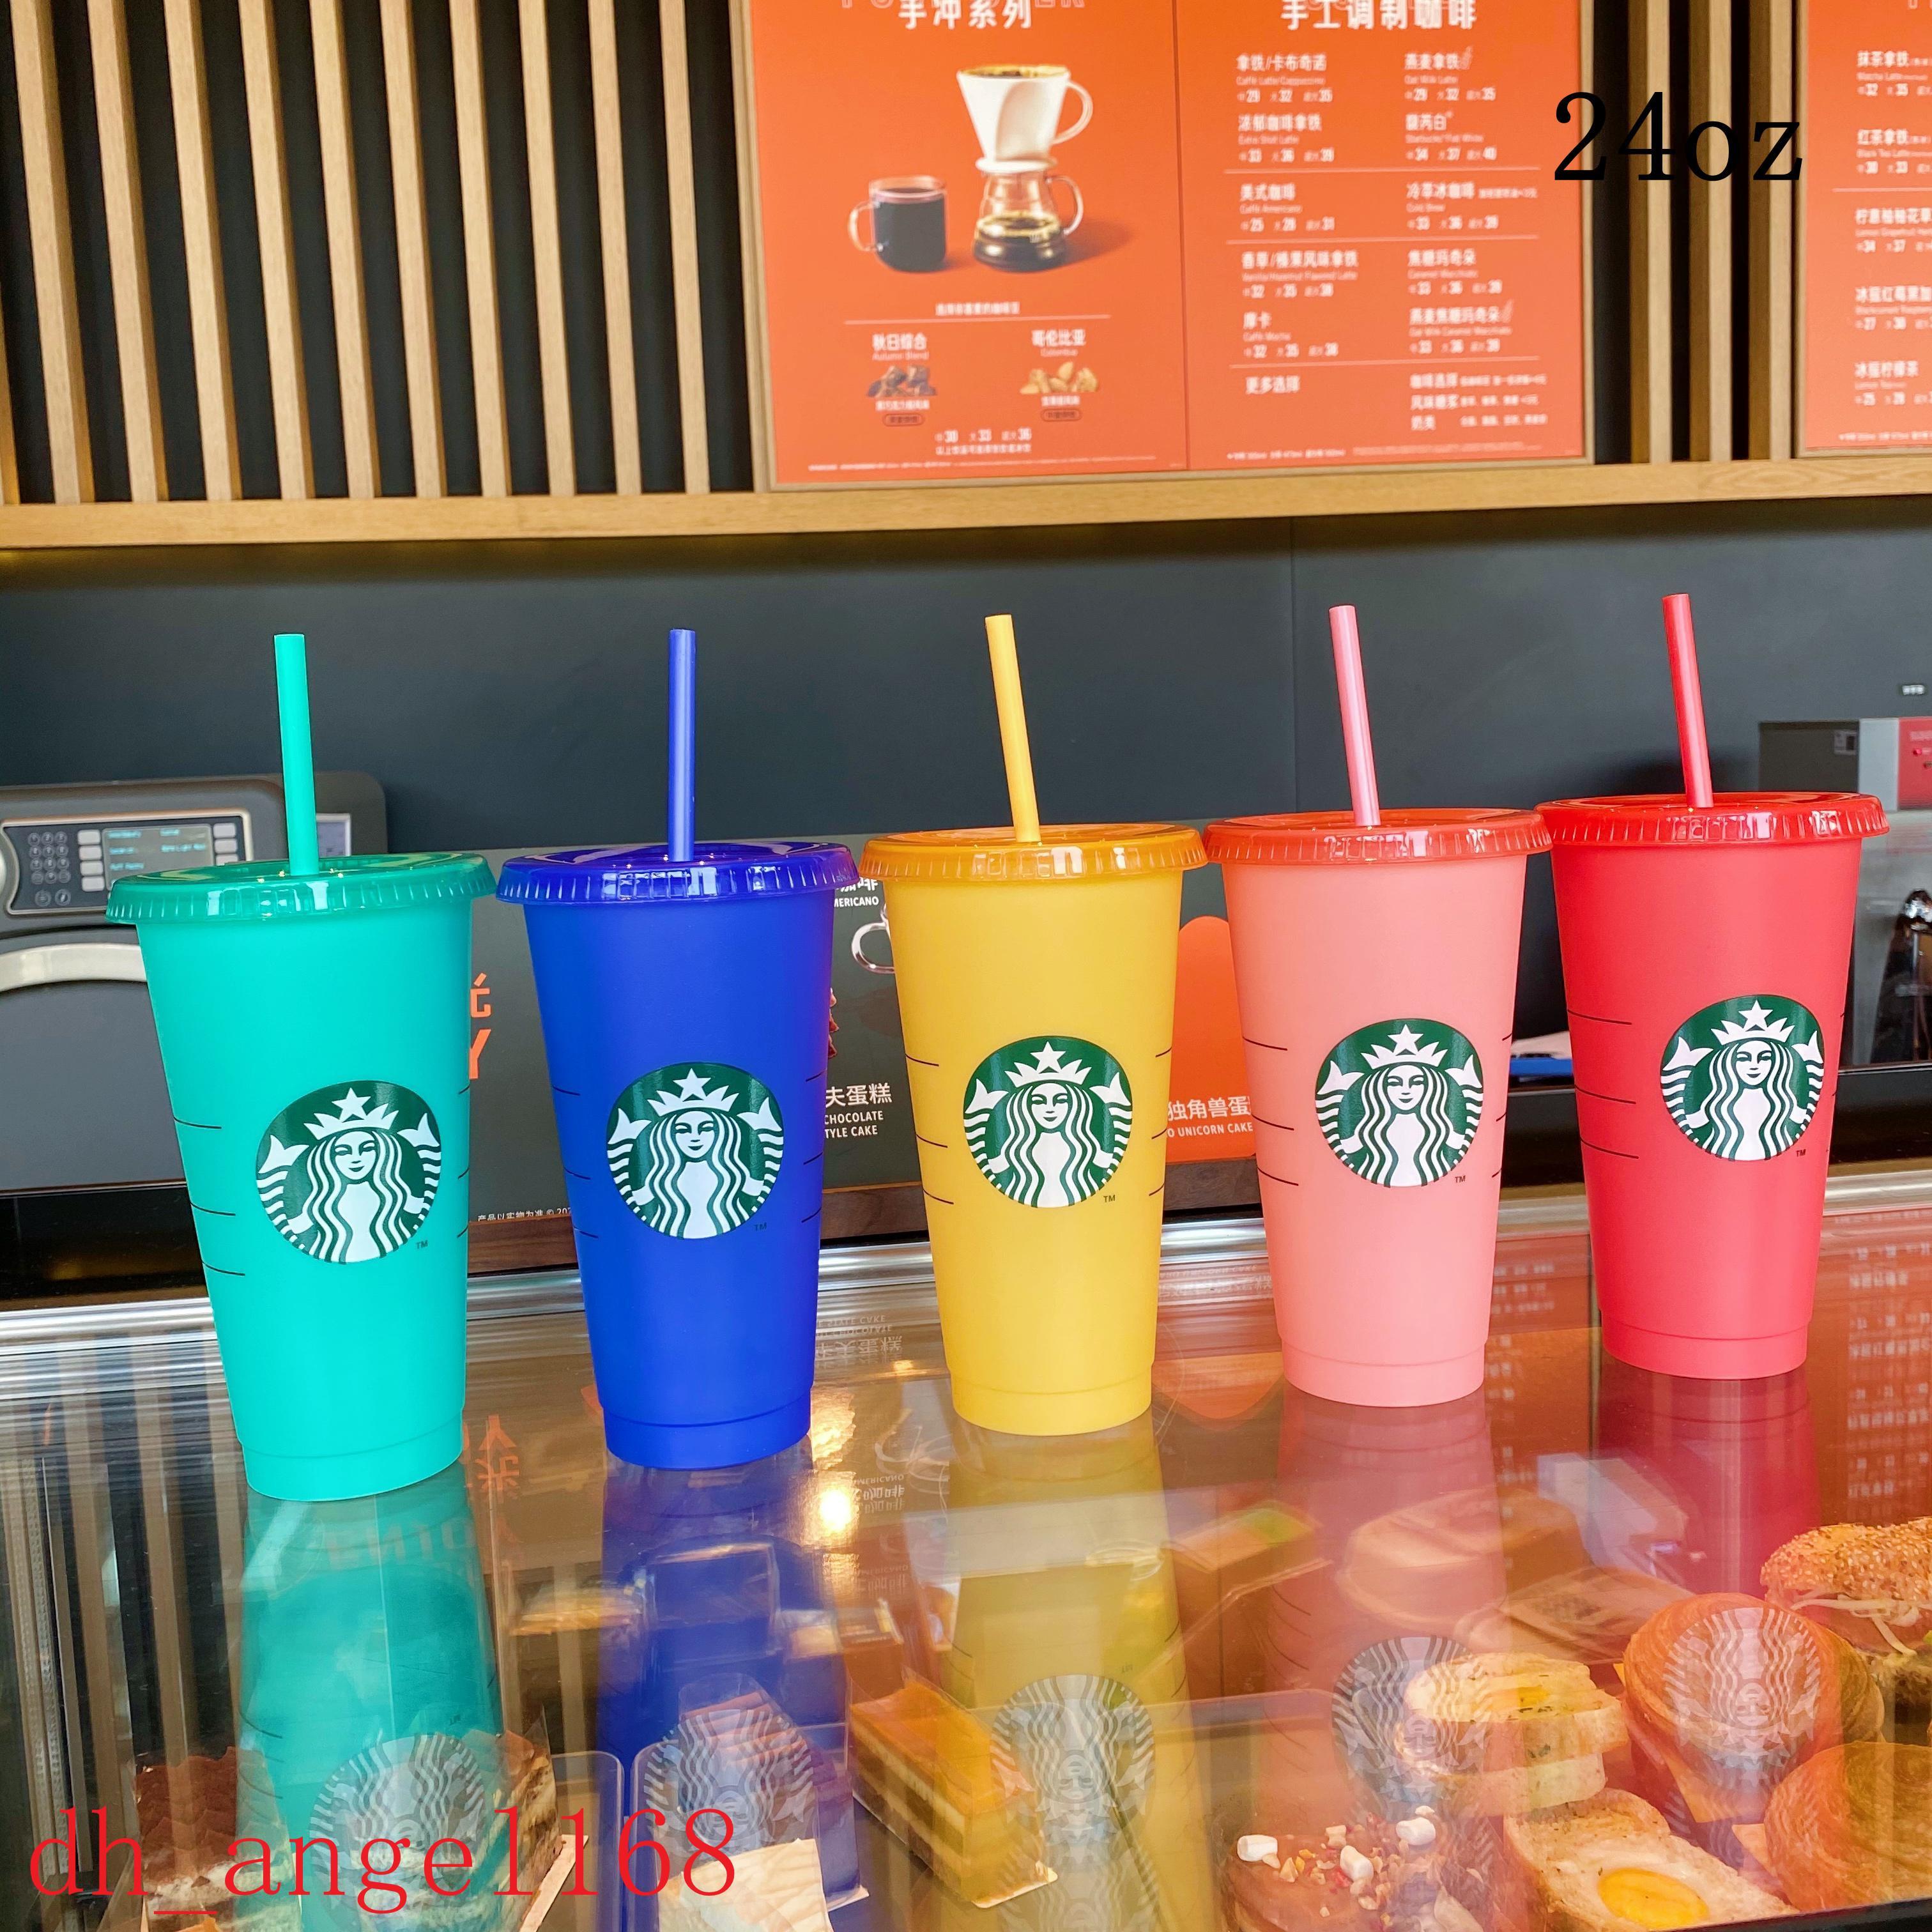 50pcs Starbucks 24oz / 710ml Plastica Tumbler Riutilizzabile Bere Bere Bere Piano Flat Bottom Tab Bull Shape Lid Paglia Tazza di paglia Bardian DHL UV La stampa della macchina UV non sbiadisce tazze